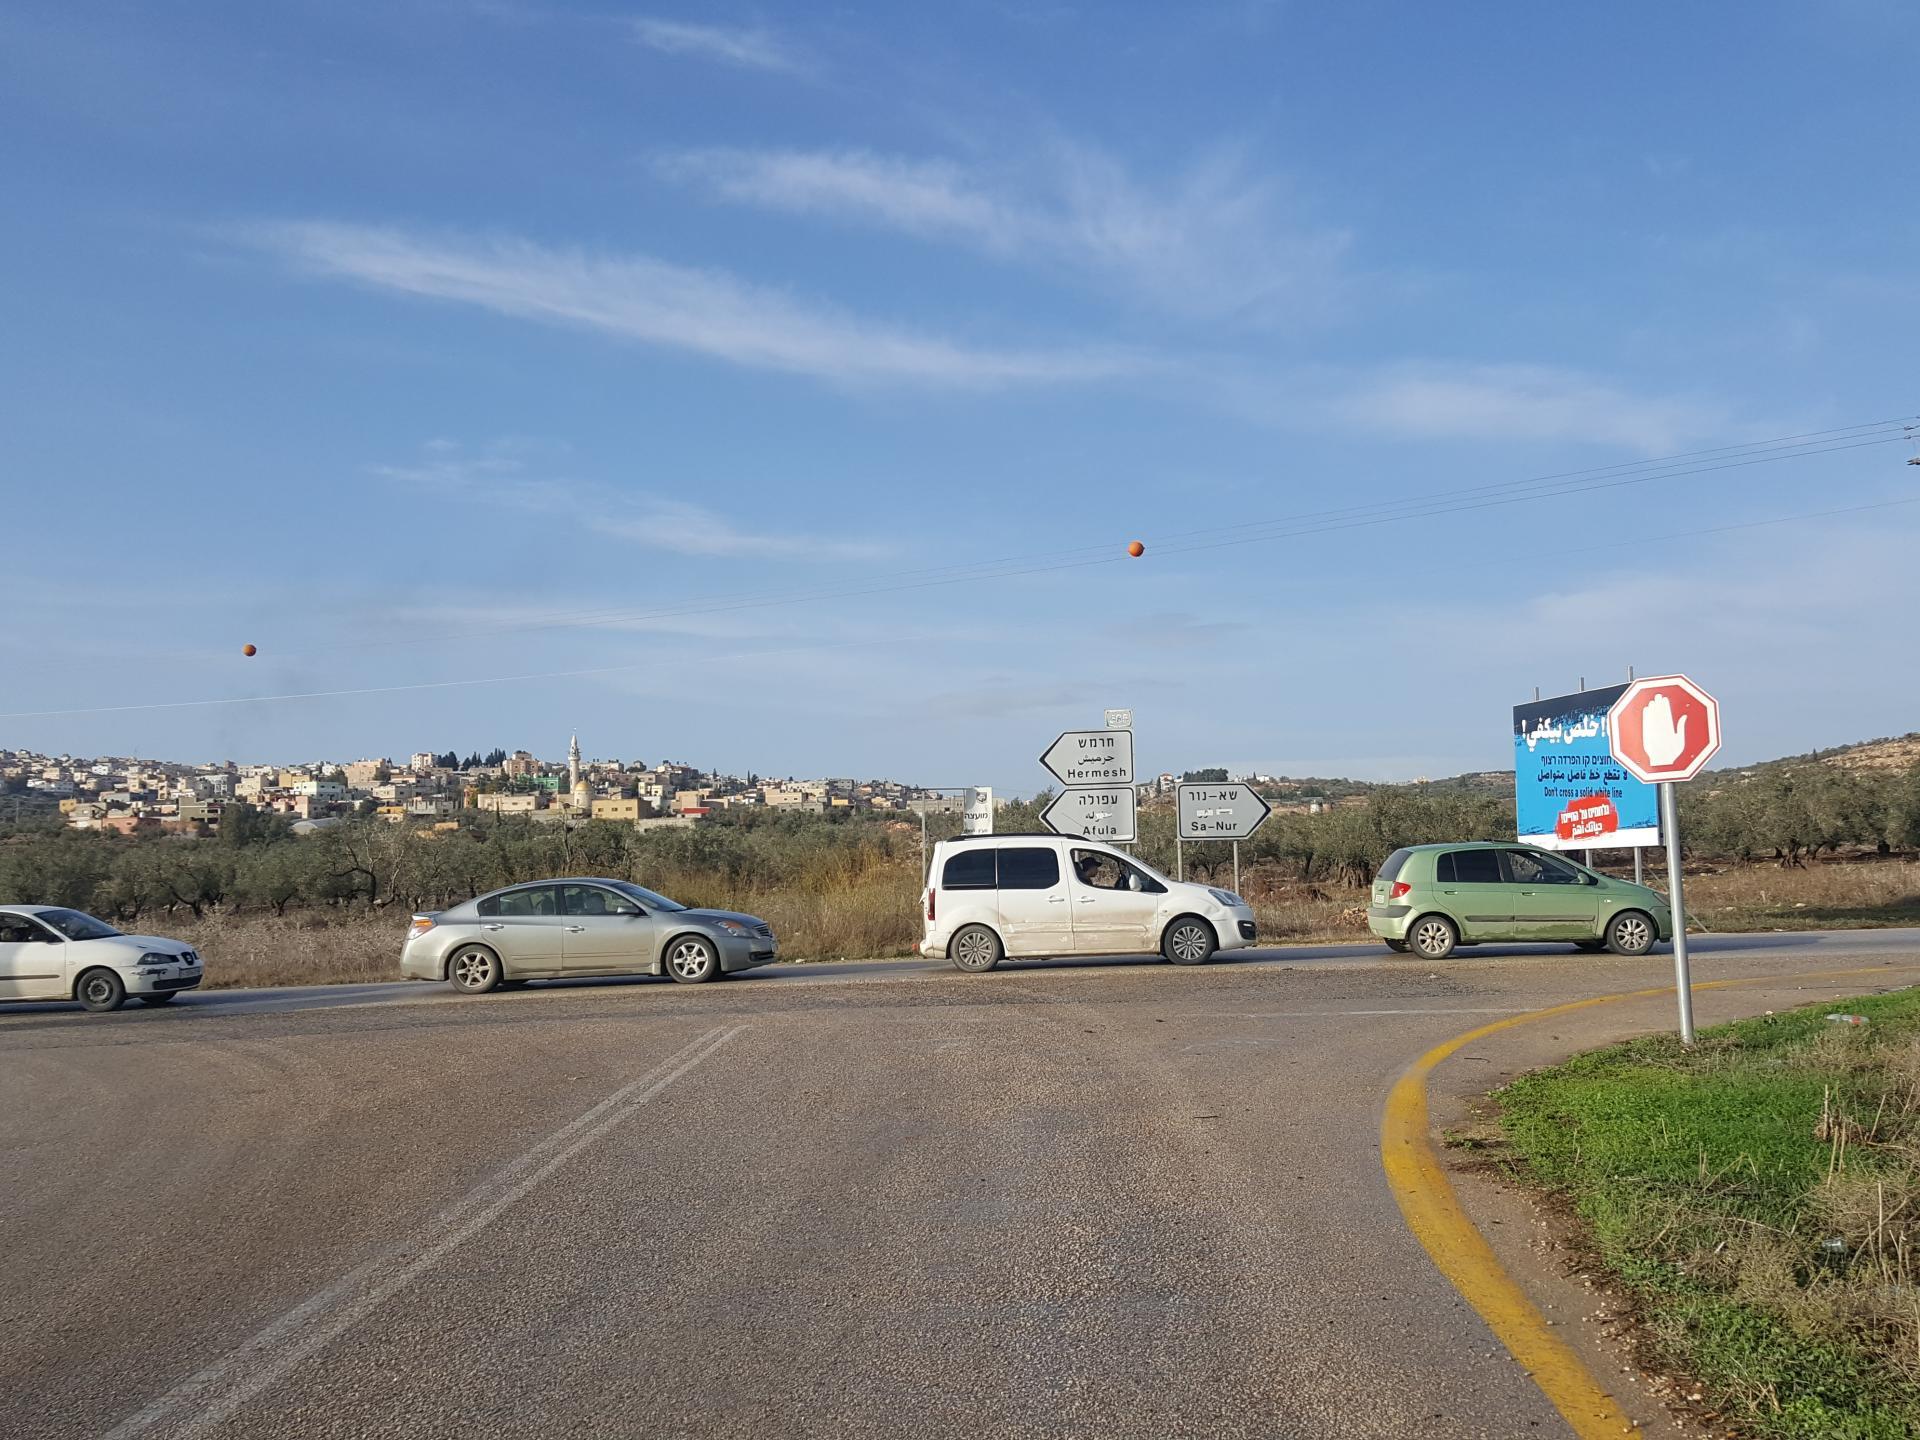 מחסום יעבד: טור מכוניות בדרך לג'נין